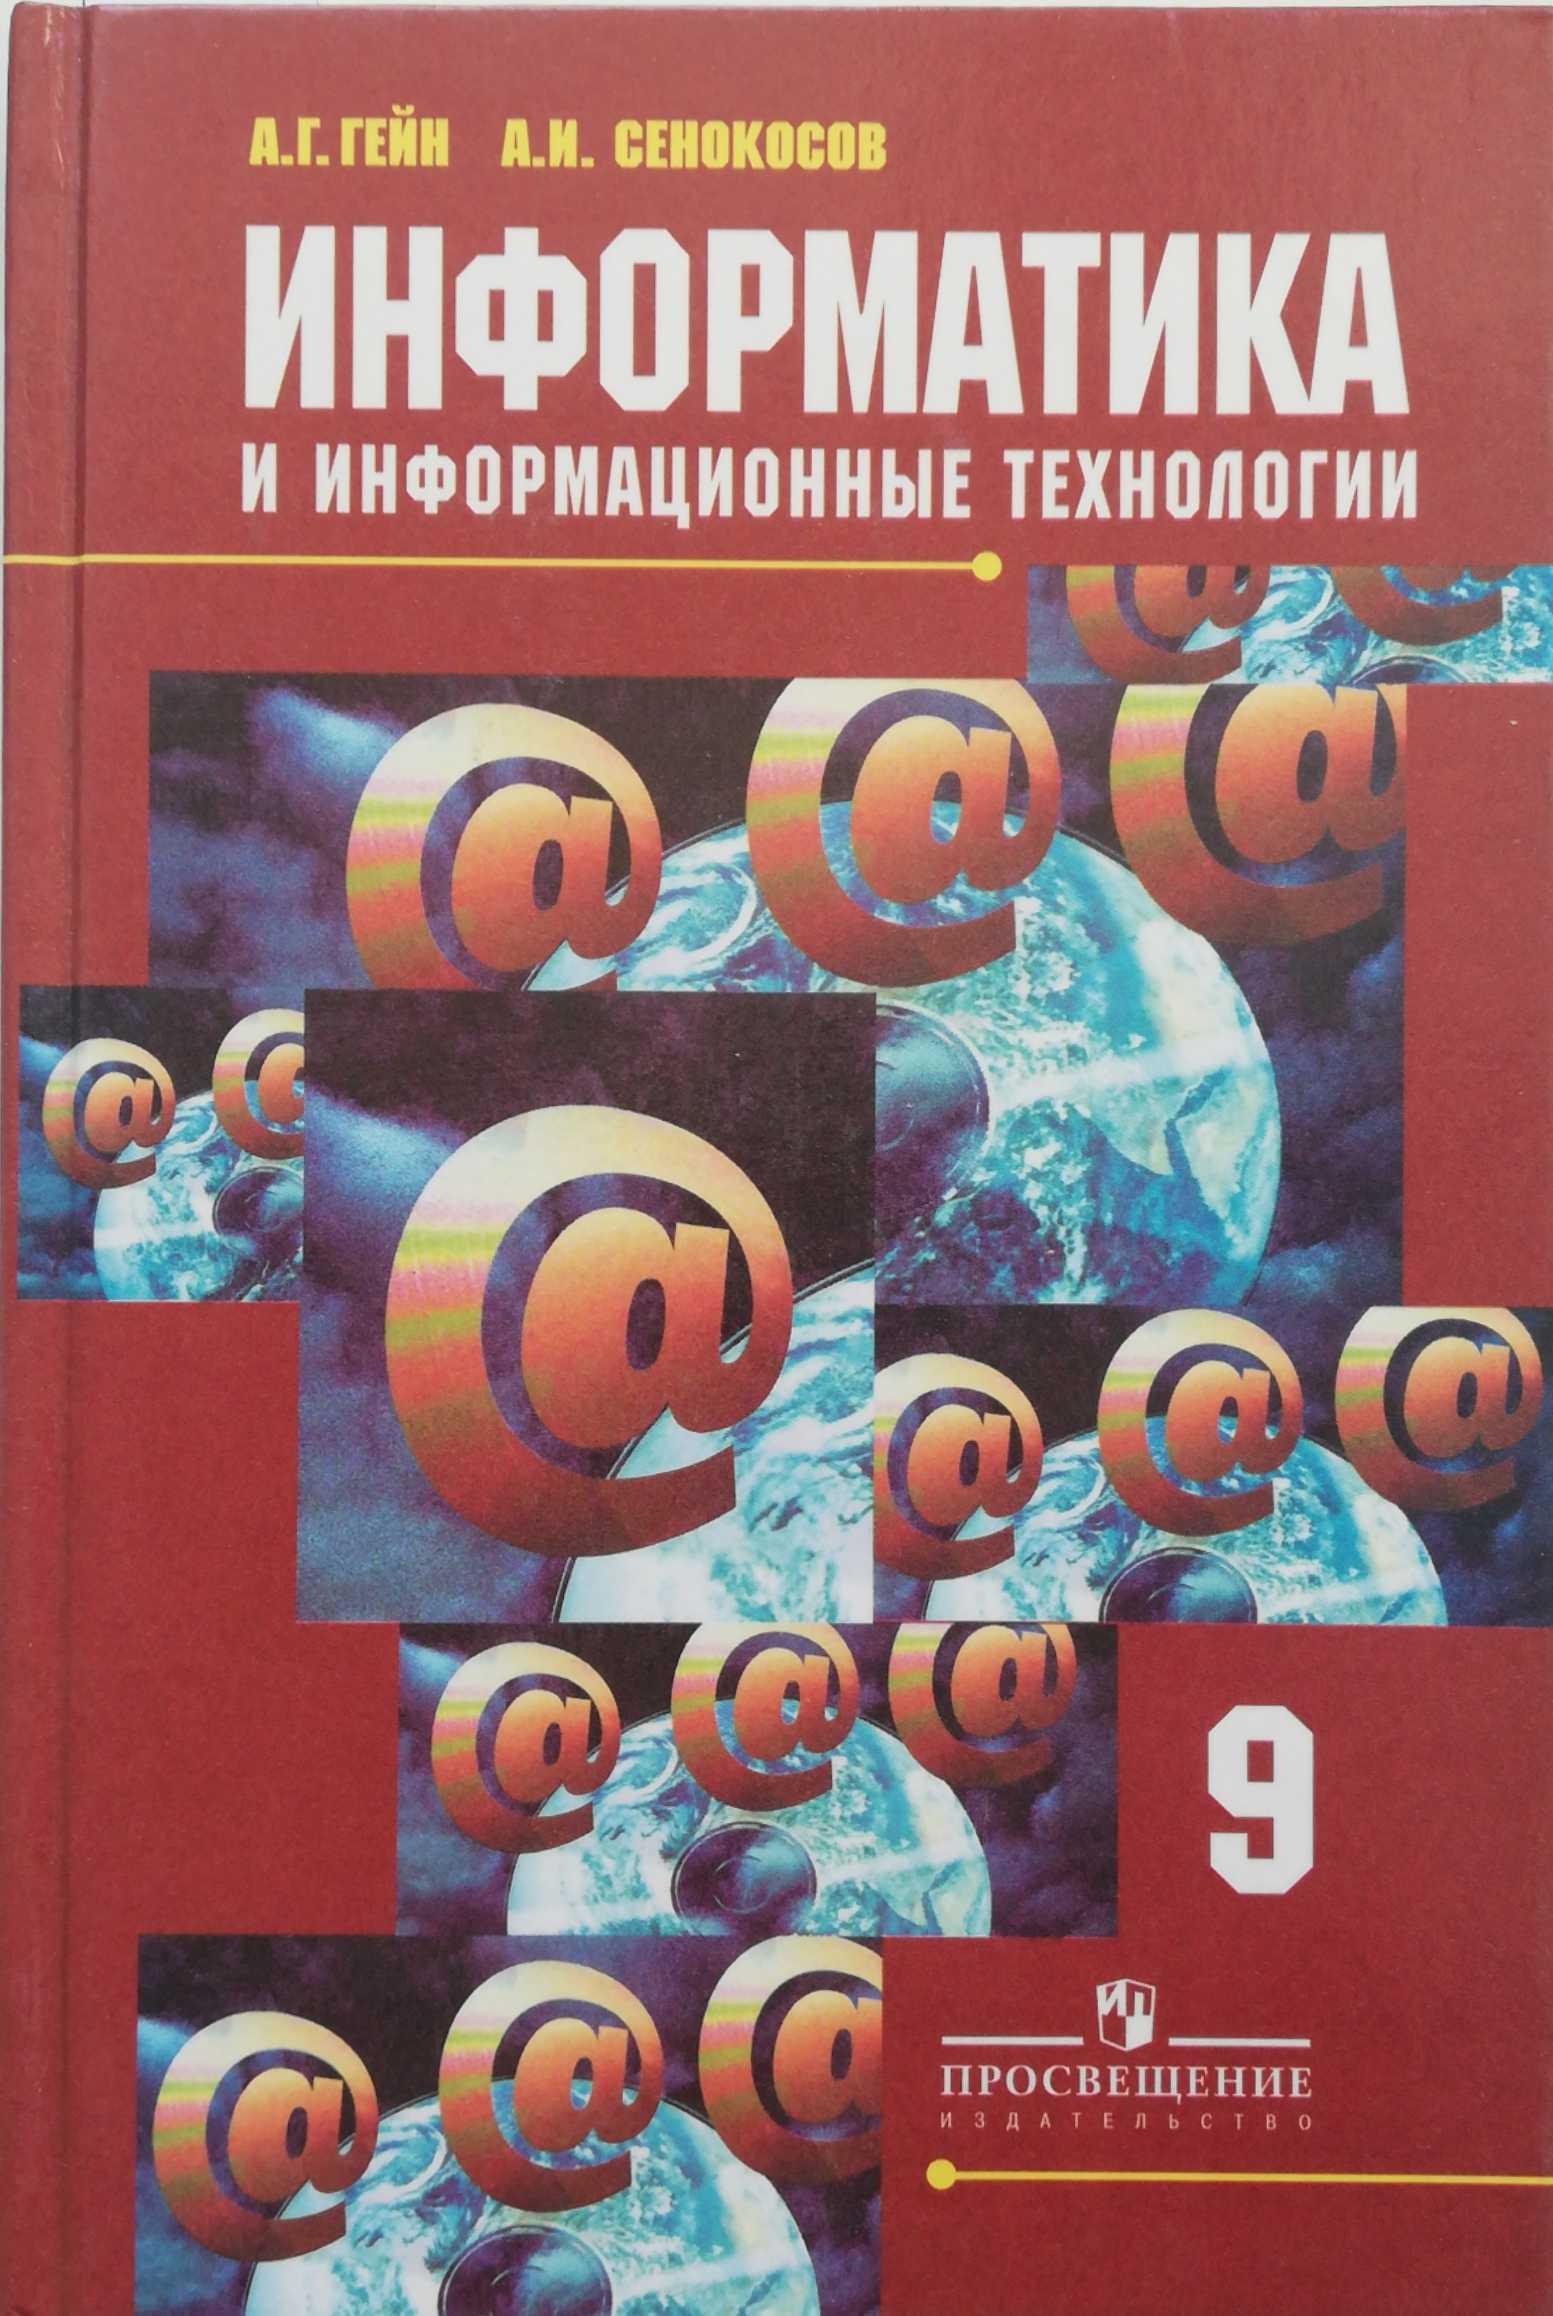 А. Г. Гейн, Н. А. Юнерман Информатика и информационные технологии. 9 класс